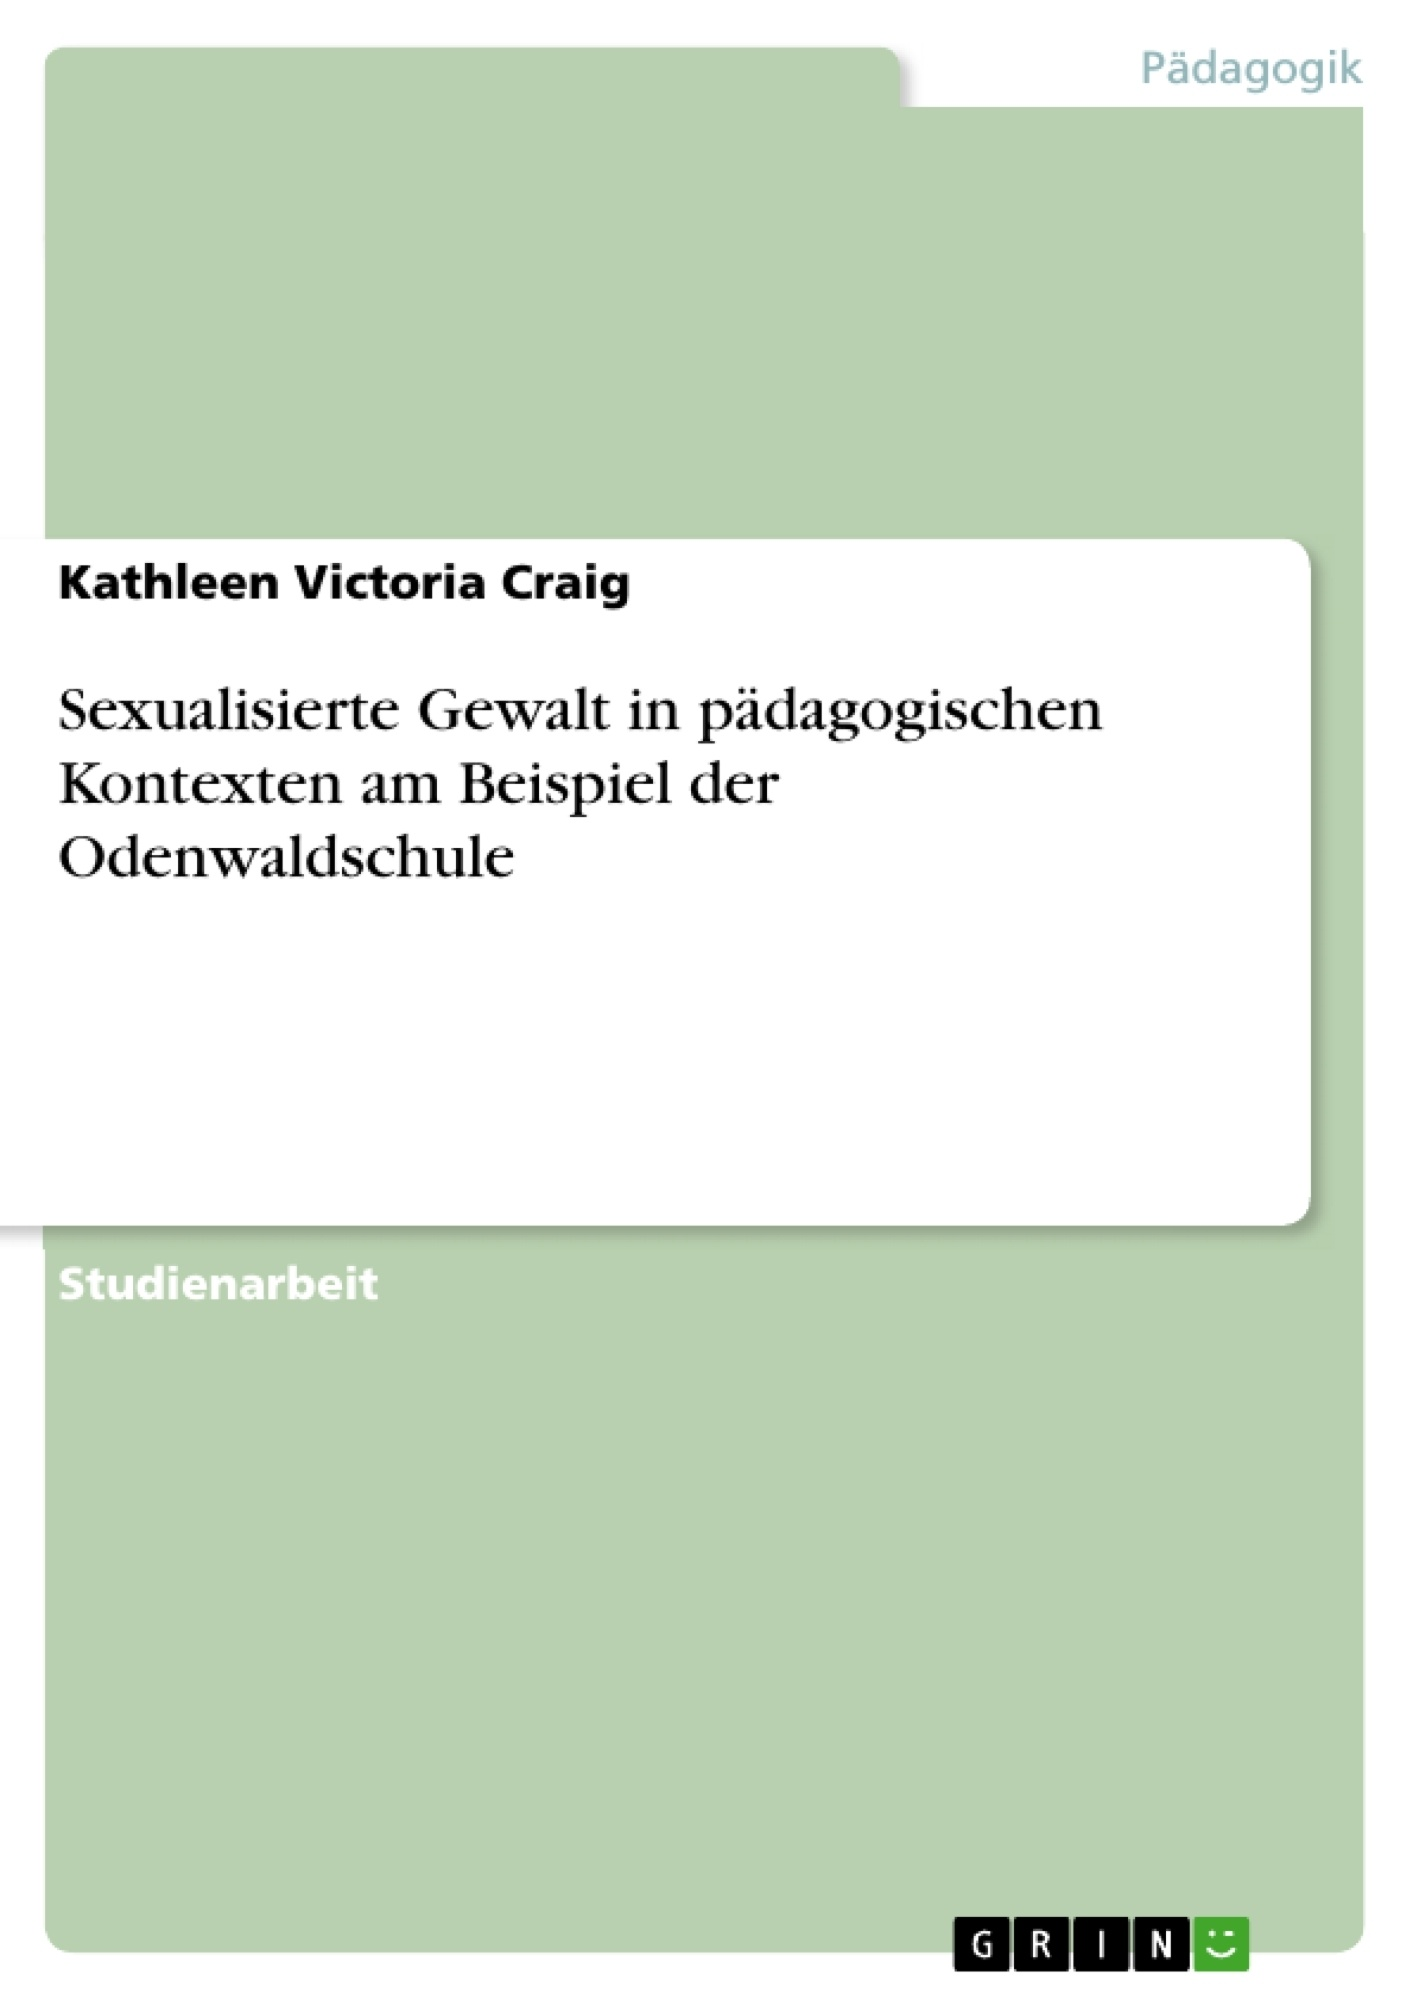 Titel: Sexualisierte Gewalt in pädagogischen Kontexten am Beispiel der Odenwaldschule